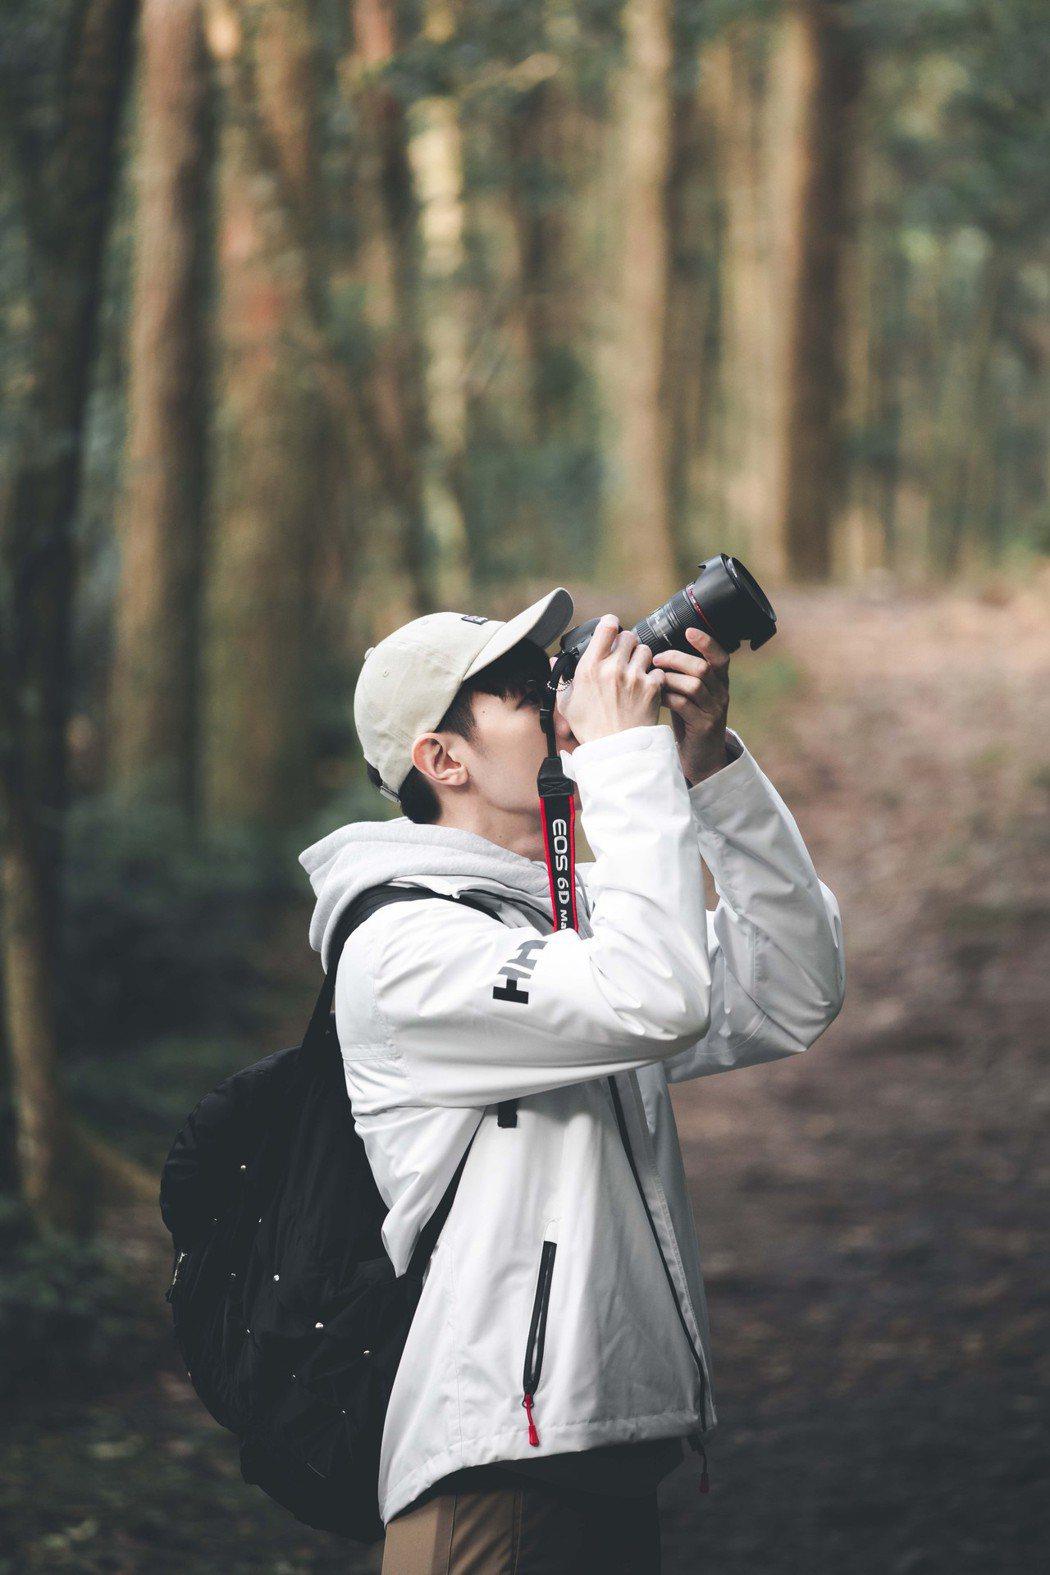 吳珝陽斯下熱愛攝影,計畫進階學習影像錄製。圖/伊林娛樂提供